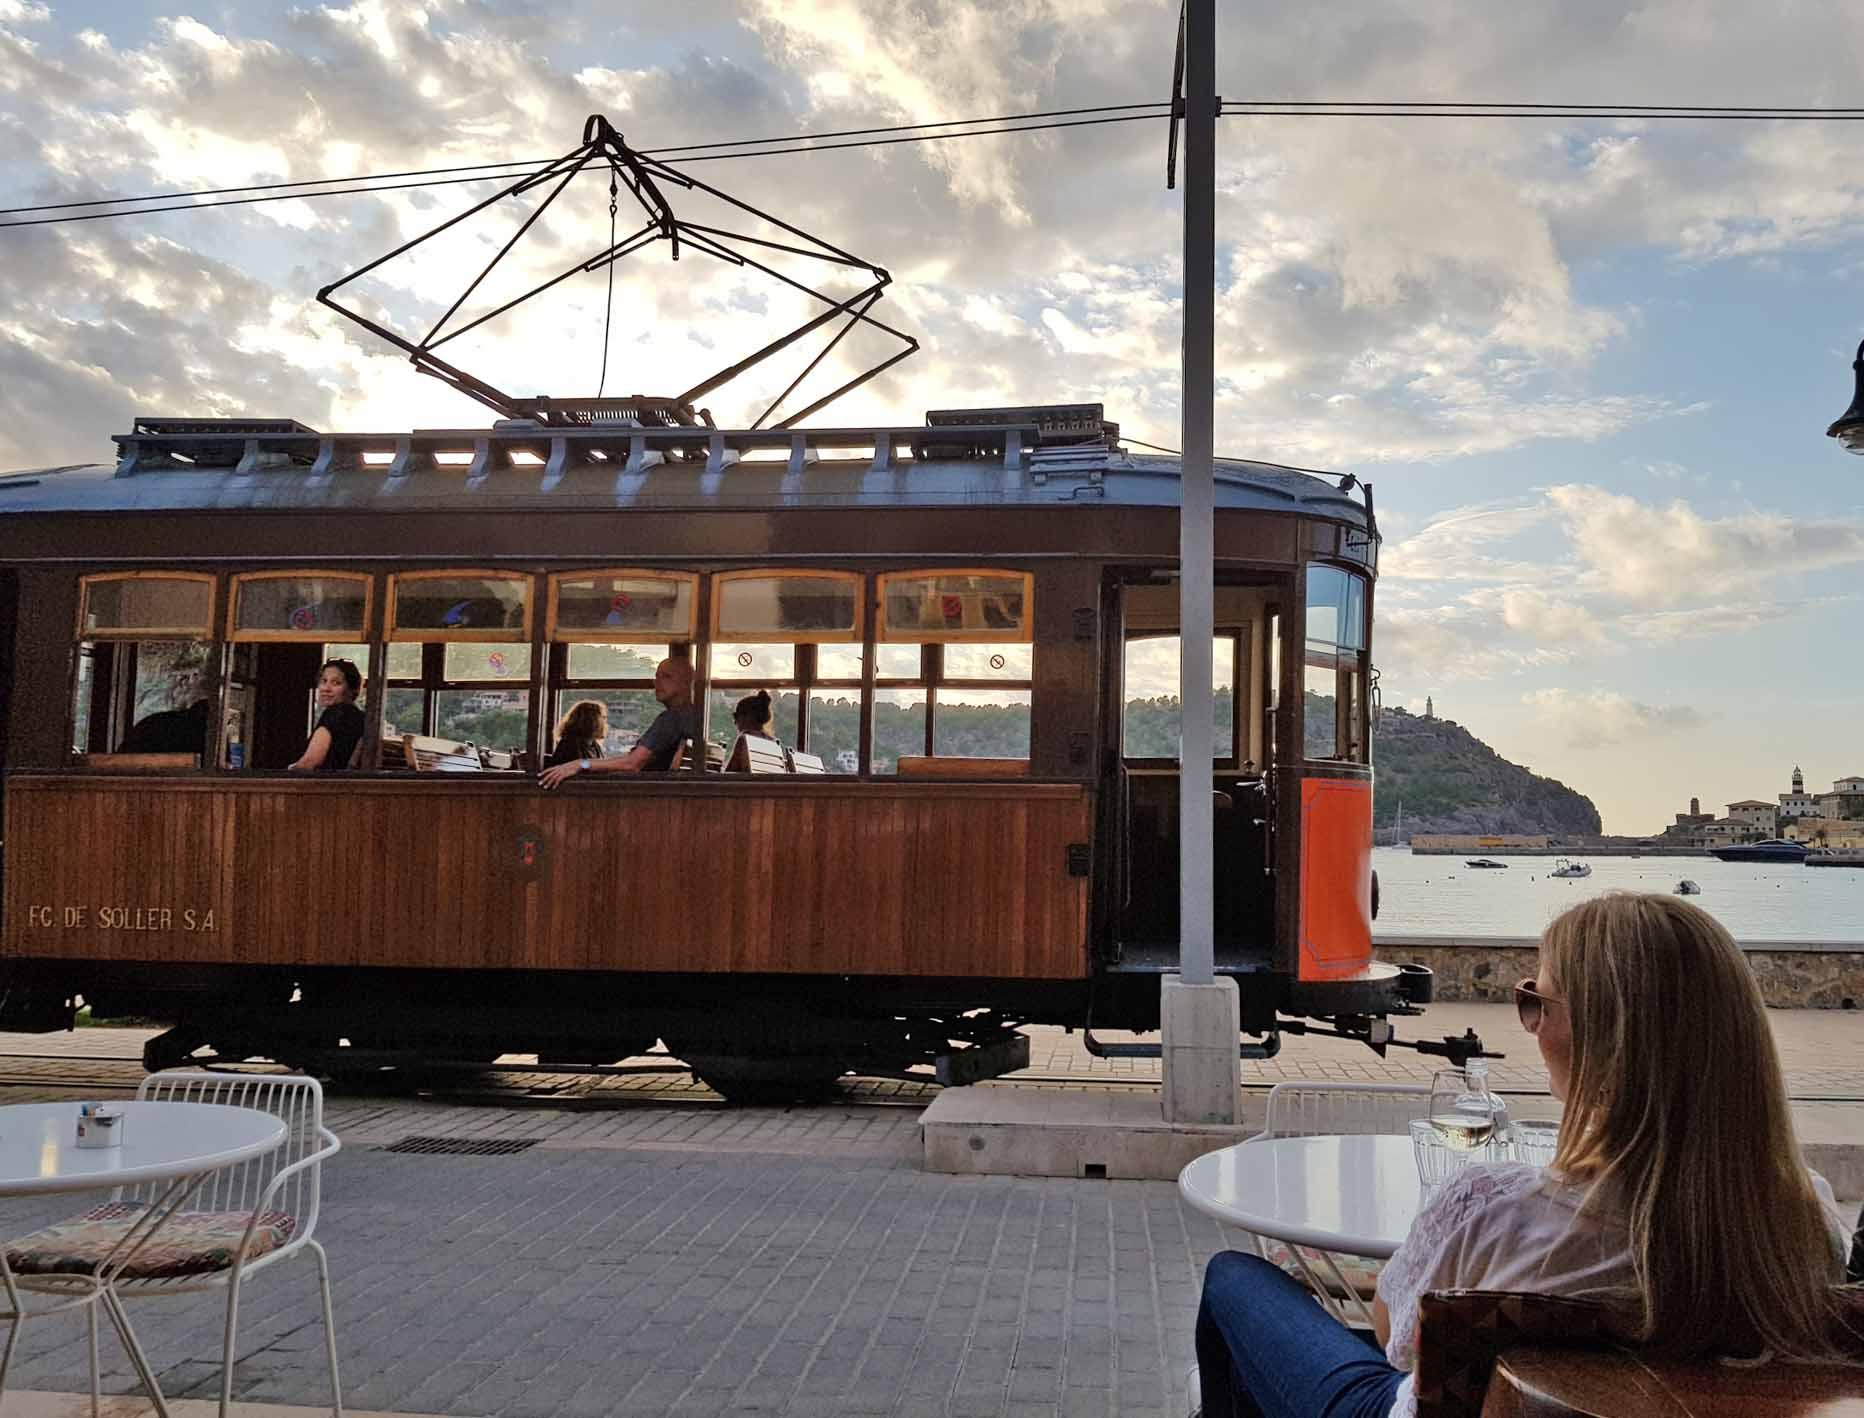 Port de Sóller: Noch im Oktober lassen sich im Café an der Promenade die schöne Aussicht auf die Bucht und die vorbeifahrenden historischen Straßenbahnen genießen. / Foto: Ingo Paszkowsky